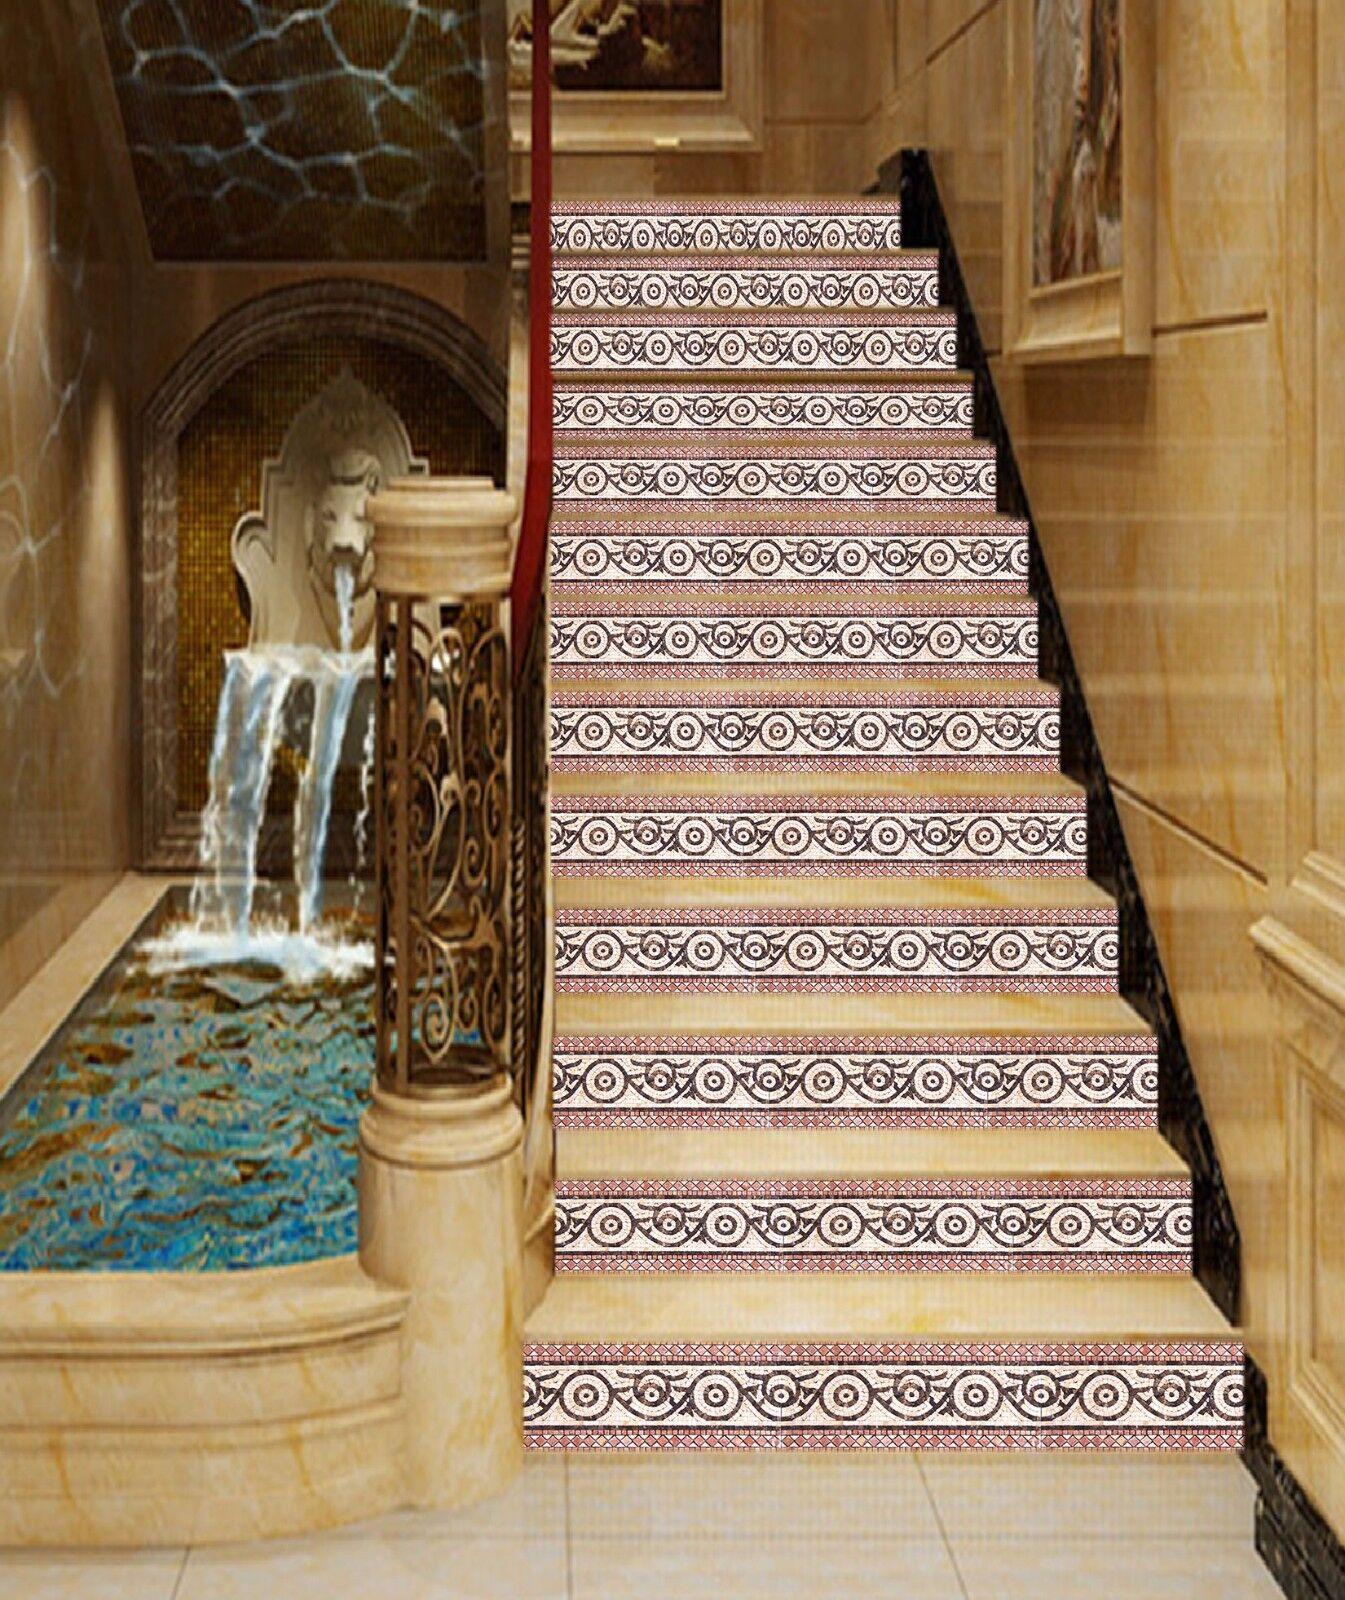 3D Blaume 403 Stair Risers Dekoration Fototapete Vinyl Aufkleber Tapete DE Lemon